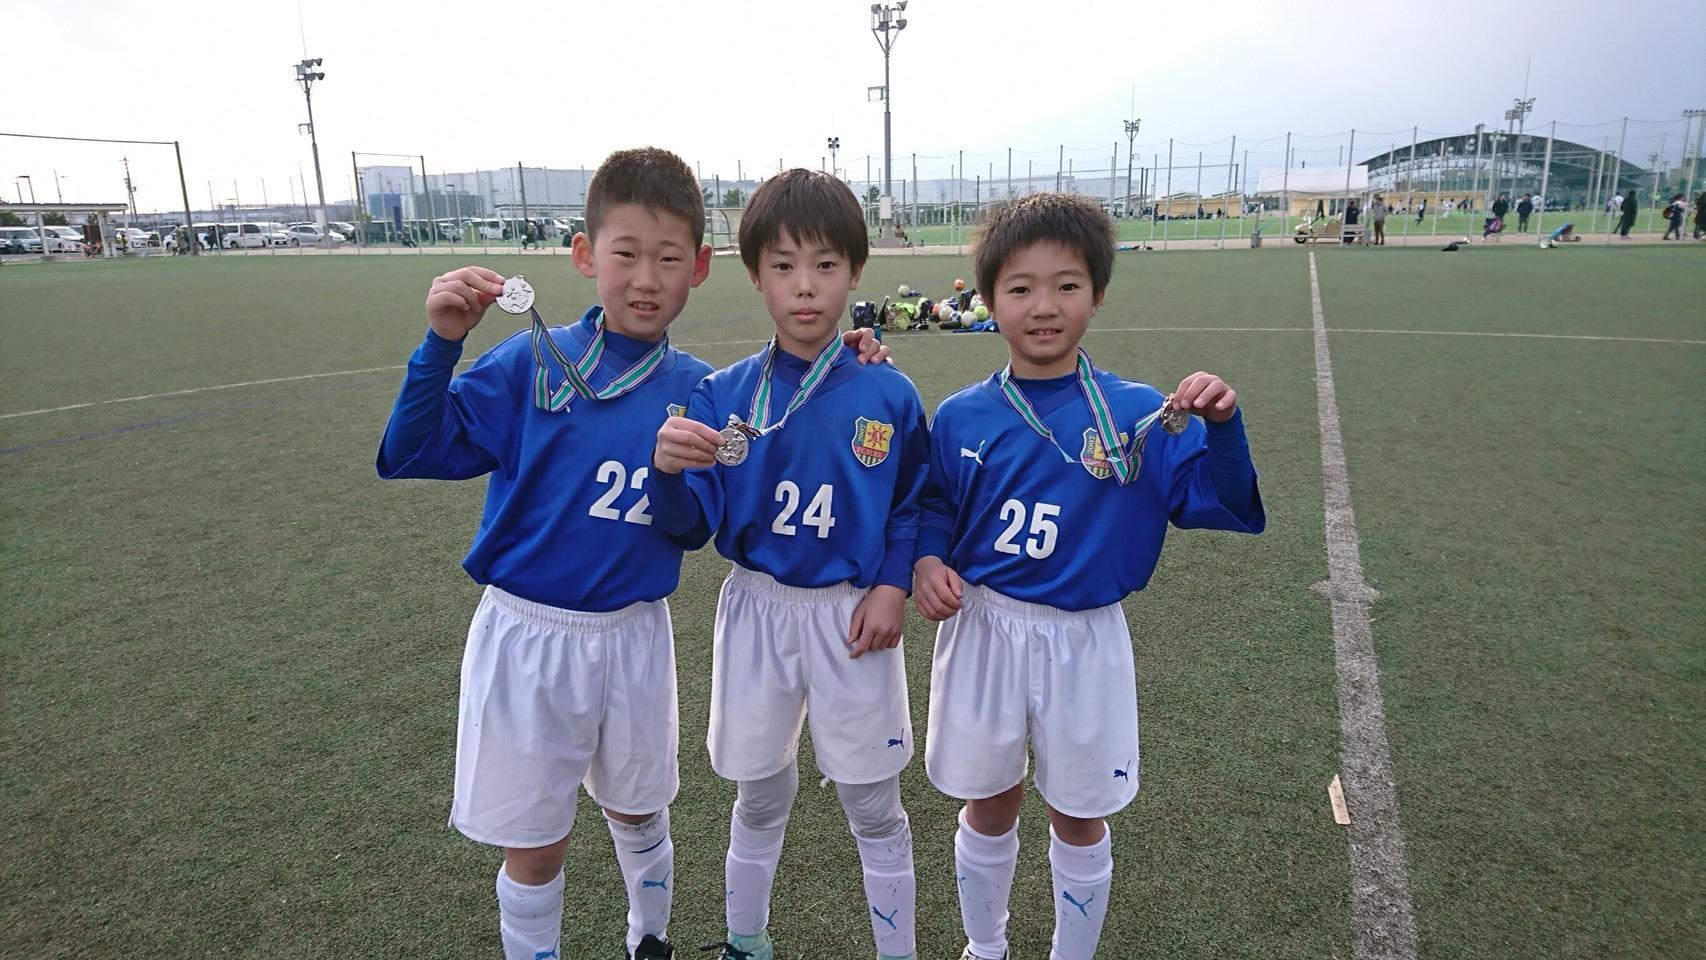 U10⚽スポーツデポカップ第2回大阪4年生サッカー大会_f0138335_12242162.jpg